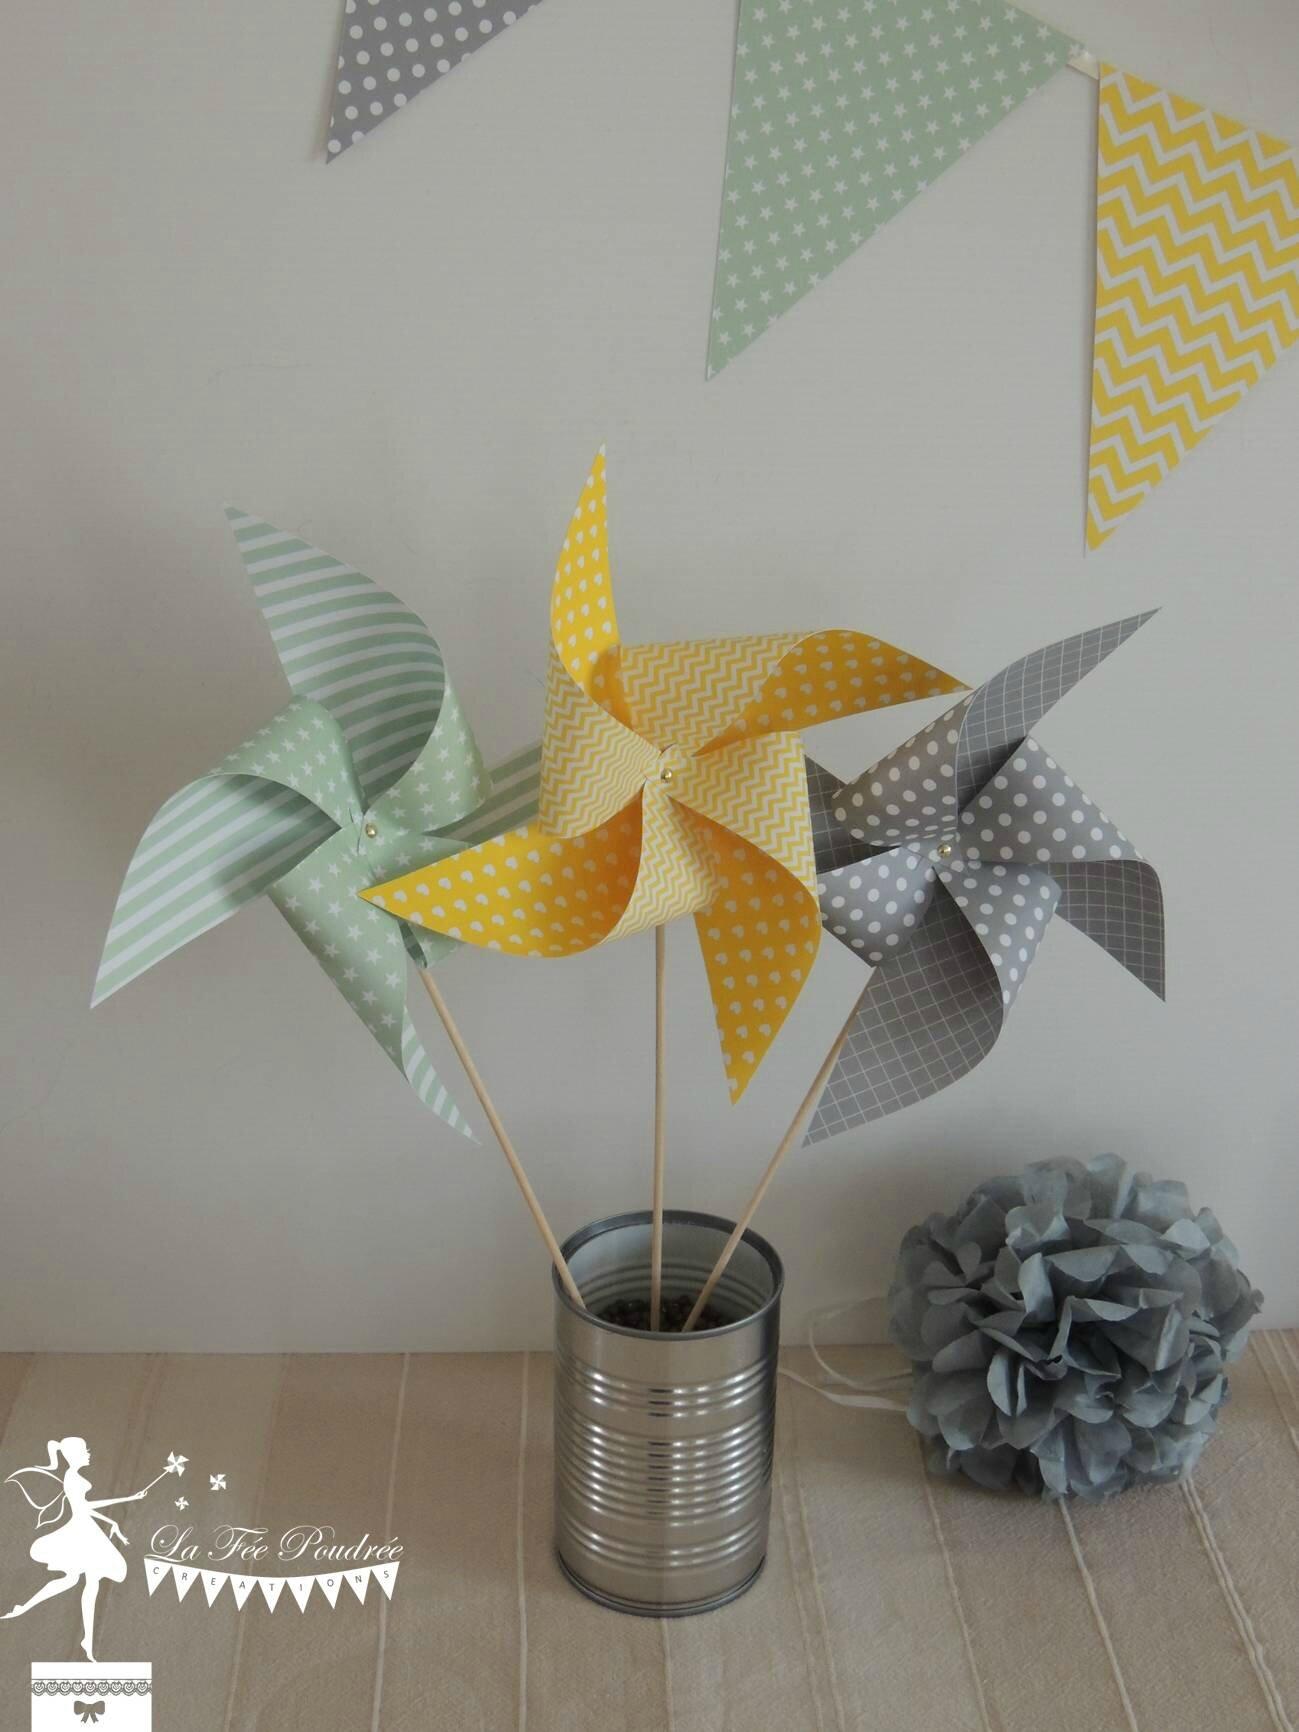 decoration mariage bapteme baby shower anniversaire pompon guirlande fanions moulin4